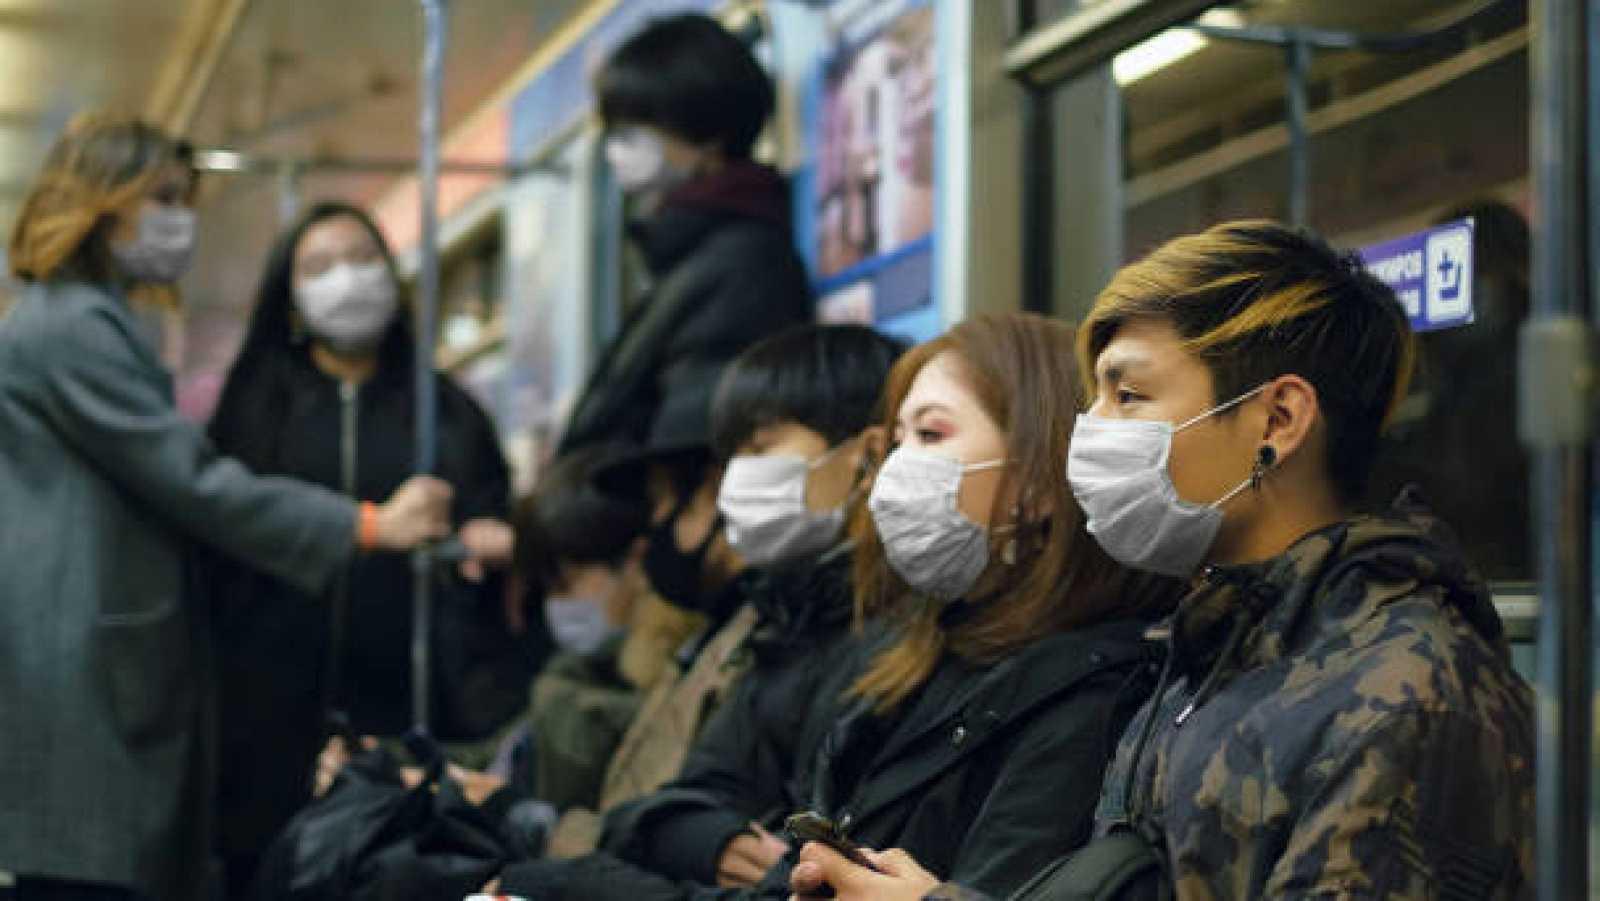 Asia hoy - Comunidad china y COVID-19: entre la admiración y el racismo - 18/11/20 - escuchar ahora